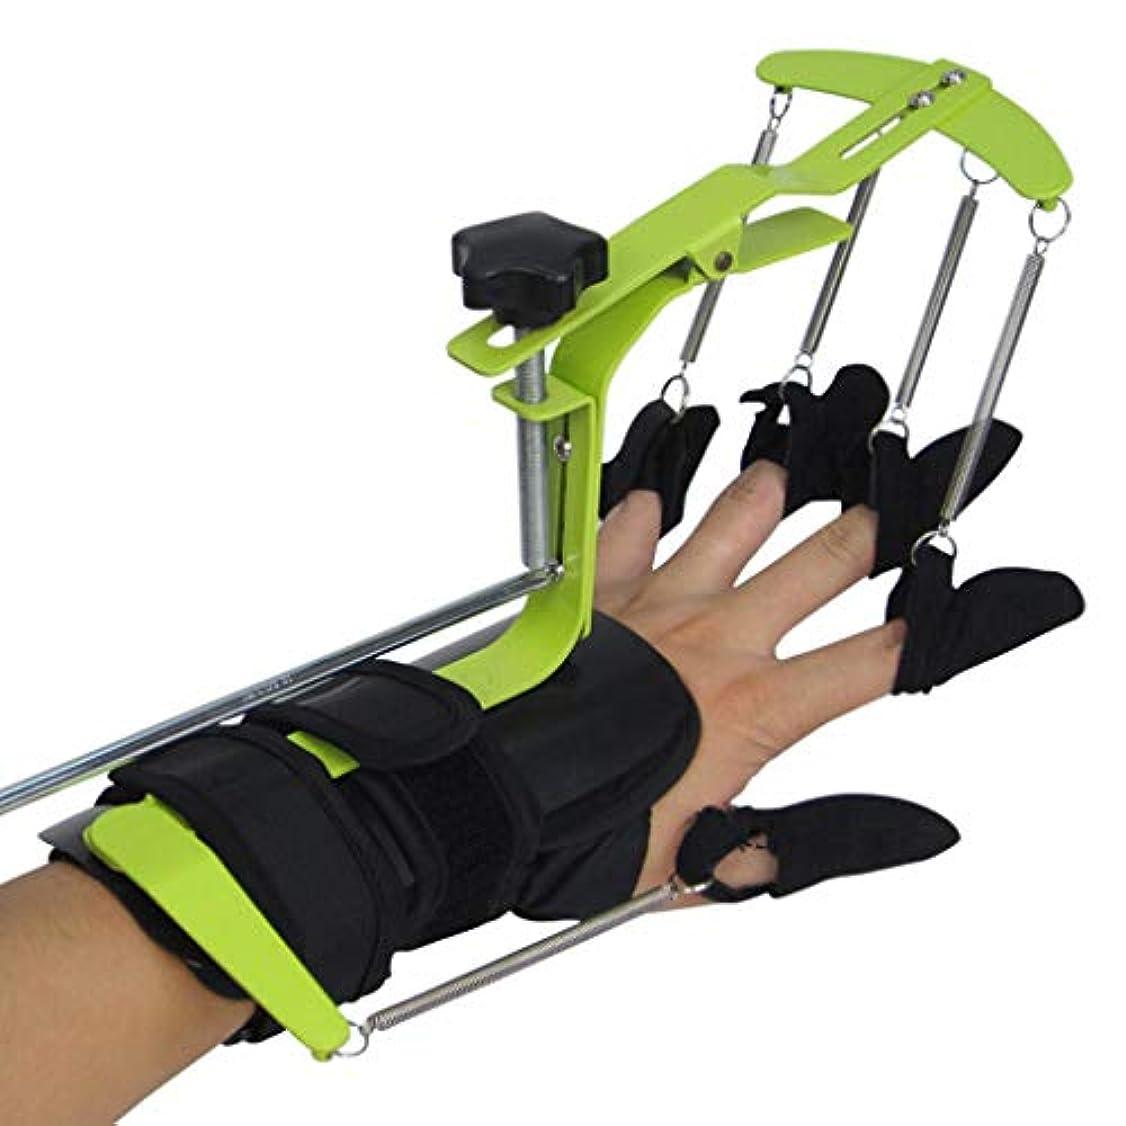 王室注意滝指トレーナー - 調節可能な腱修復装具、脳卒中、片麻痺患者のための多機能ハンド理学療法リハビリ機器